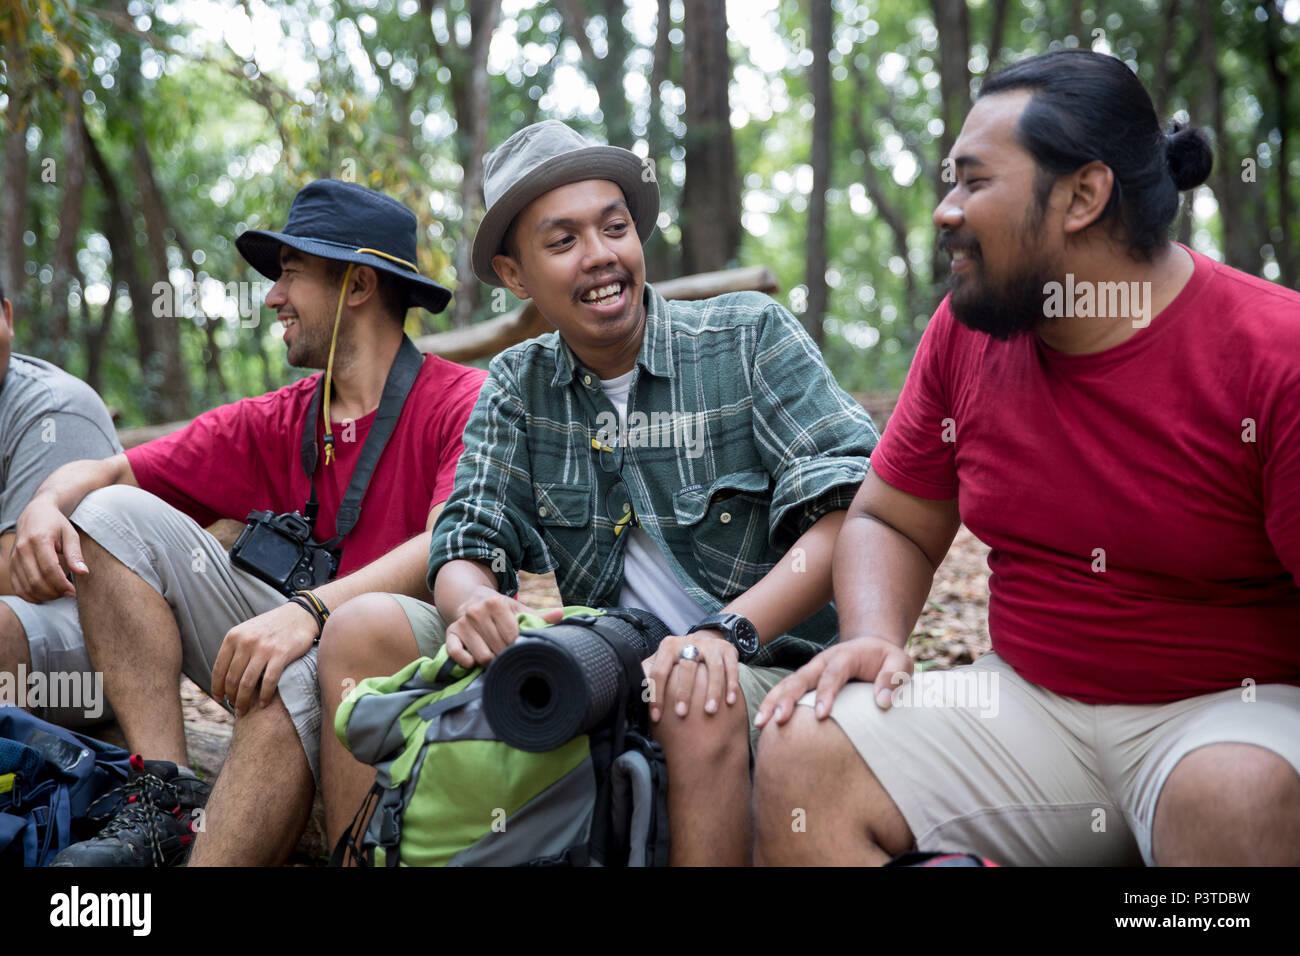 Les gens assis randonneur et de parler après une randonnée Photo Stock